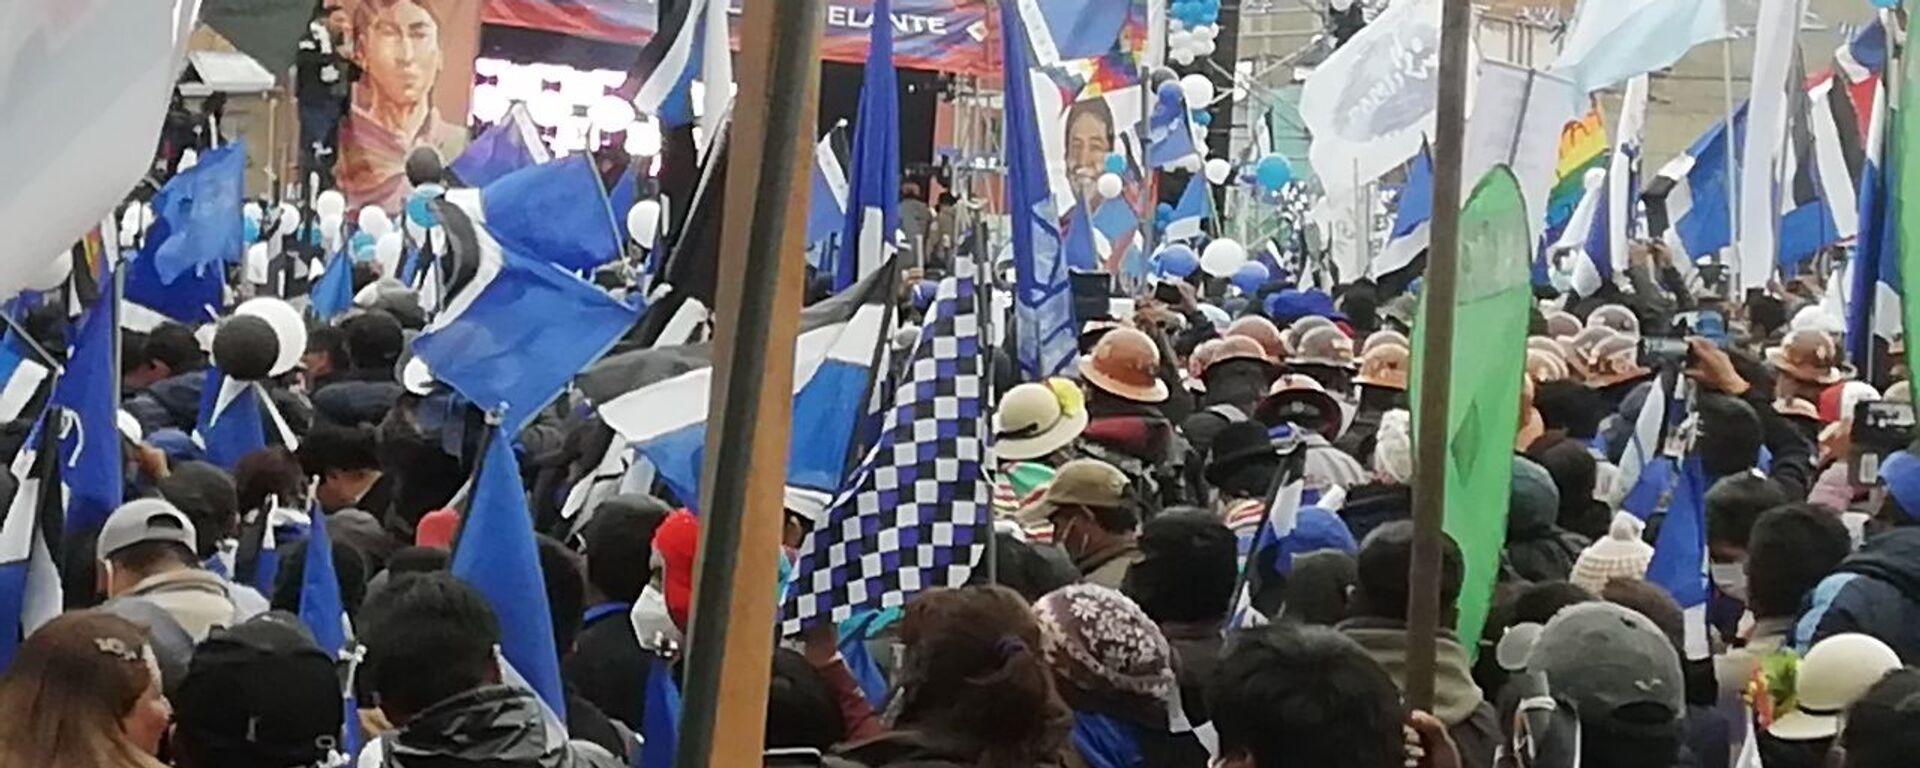 Acto de cierre de campaña del MAS en El Alto, Bolivia - Sputnik Mundo, 1920, 04.05.2021